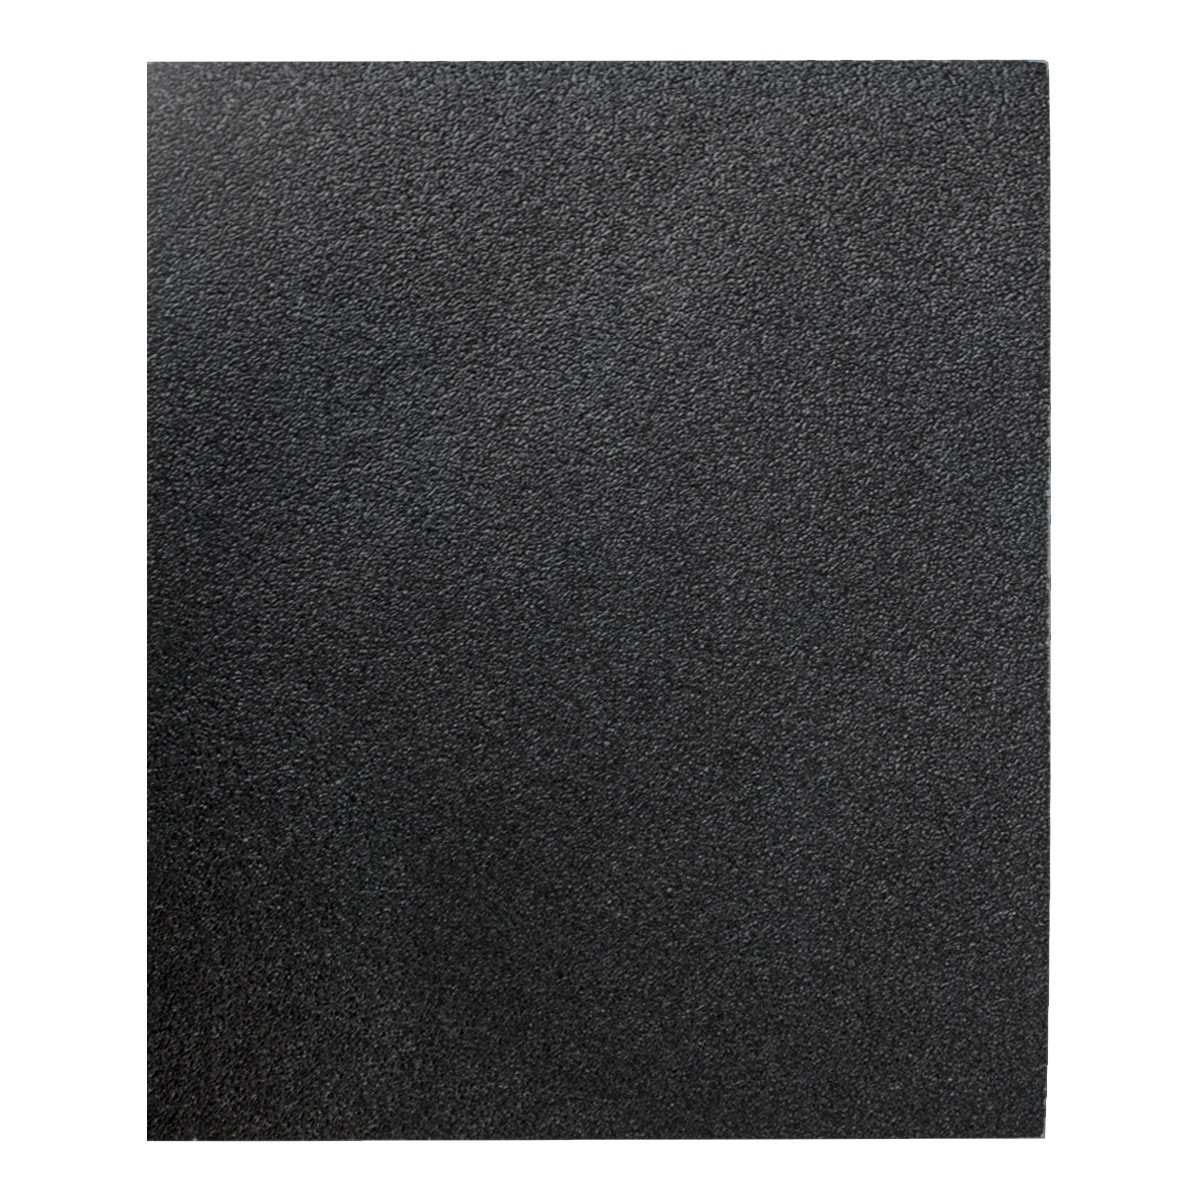 Como pintar drywall: lixa grana